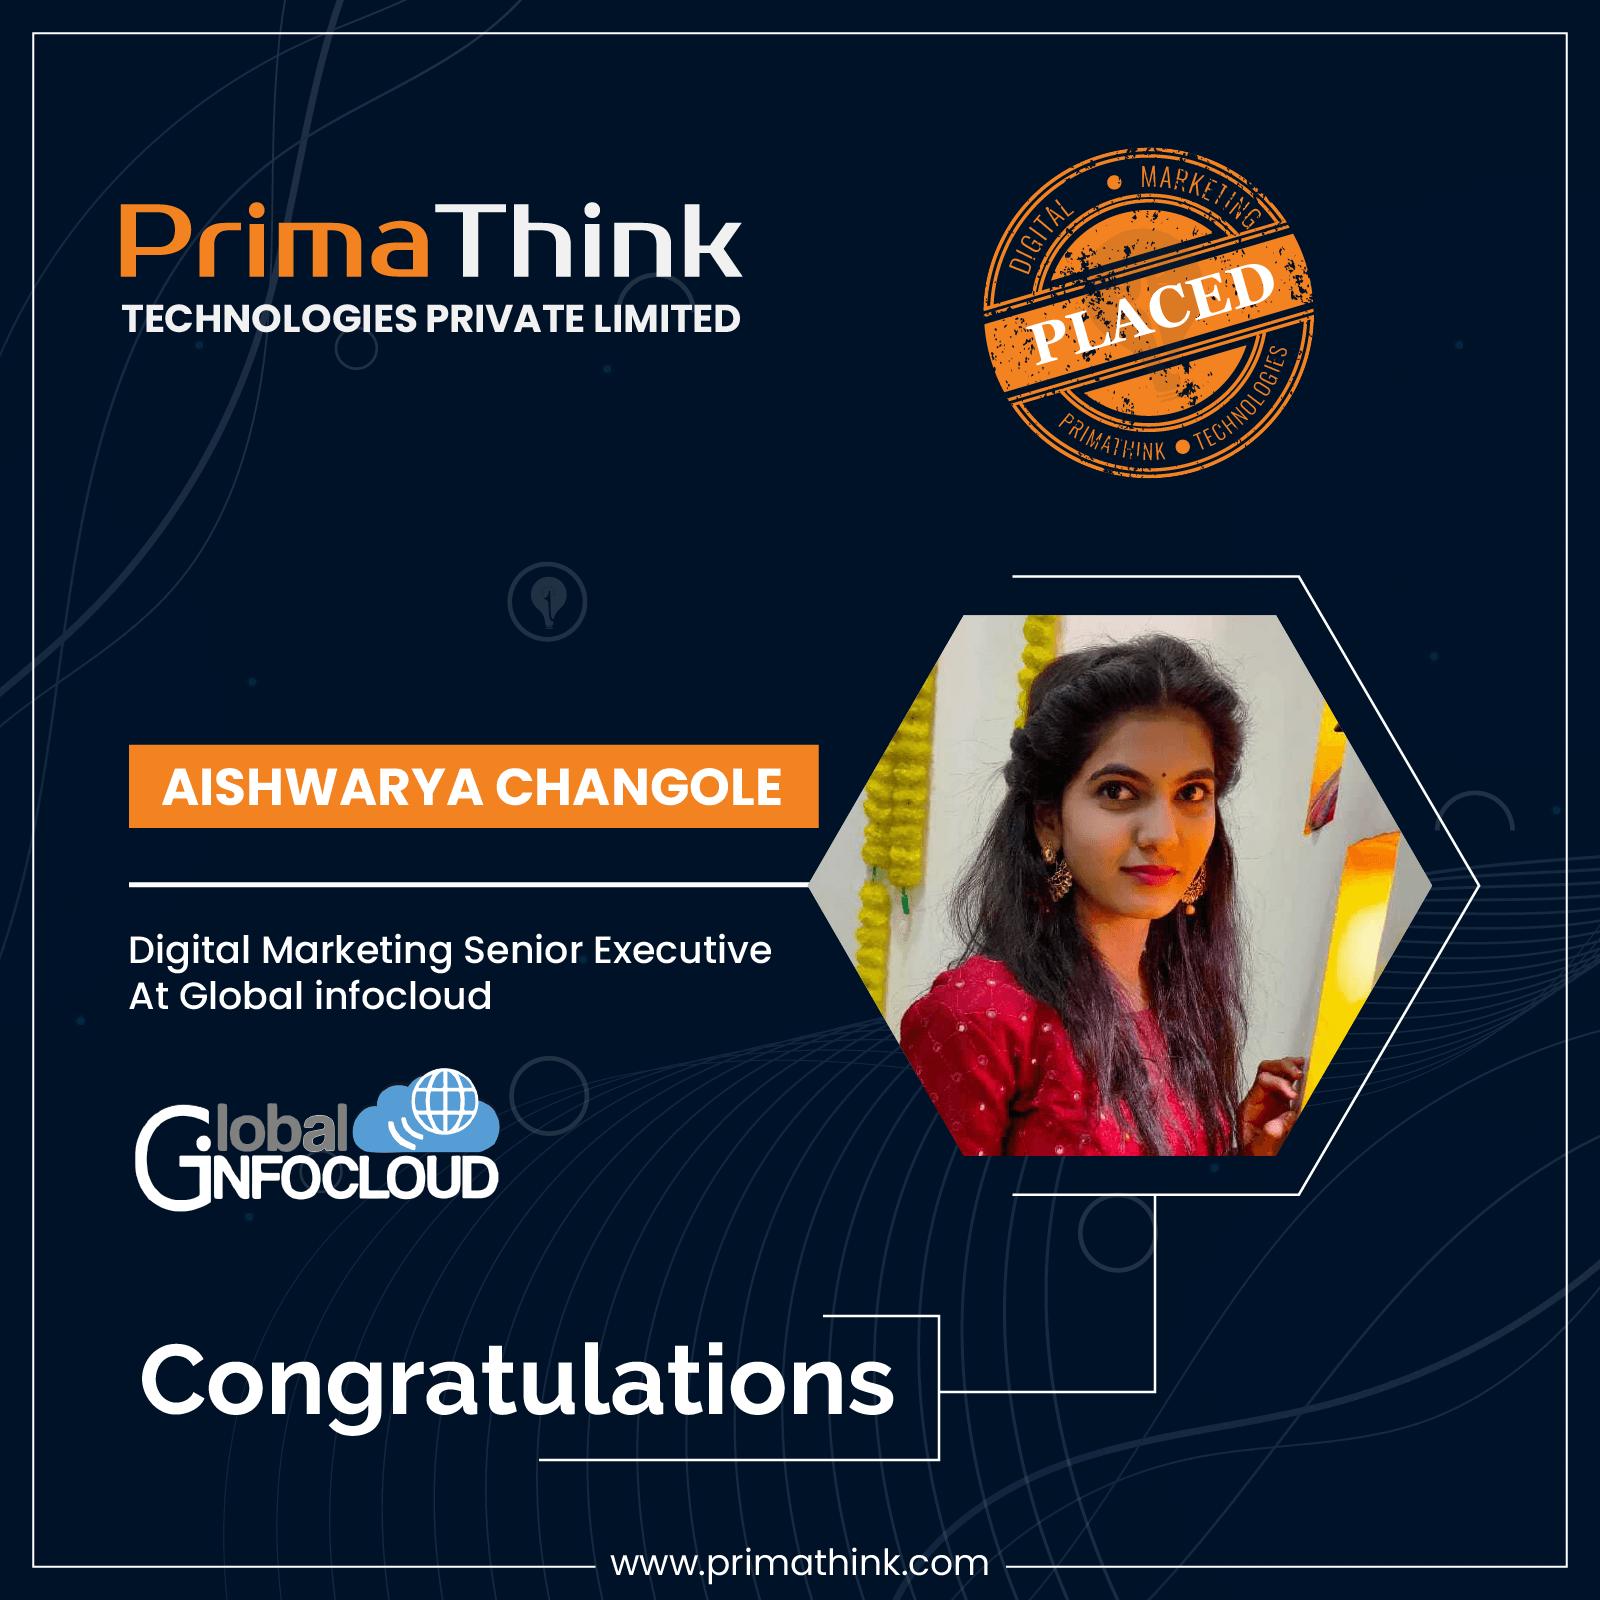 primathink placement Aishwarya Changole (1)